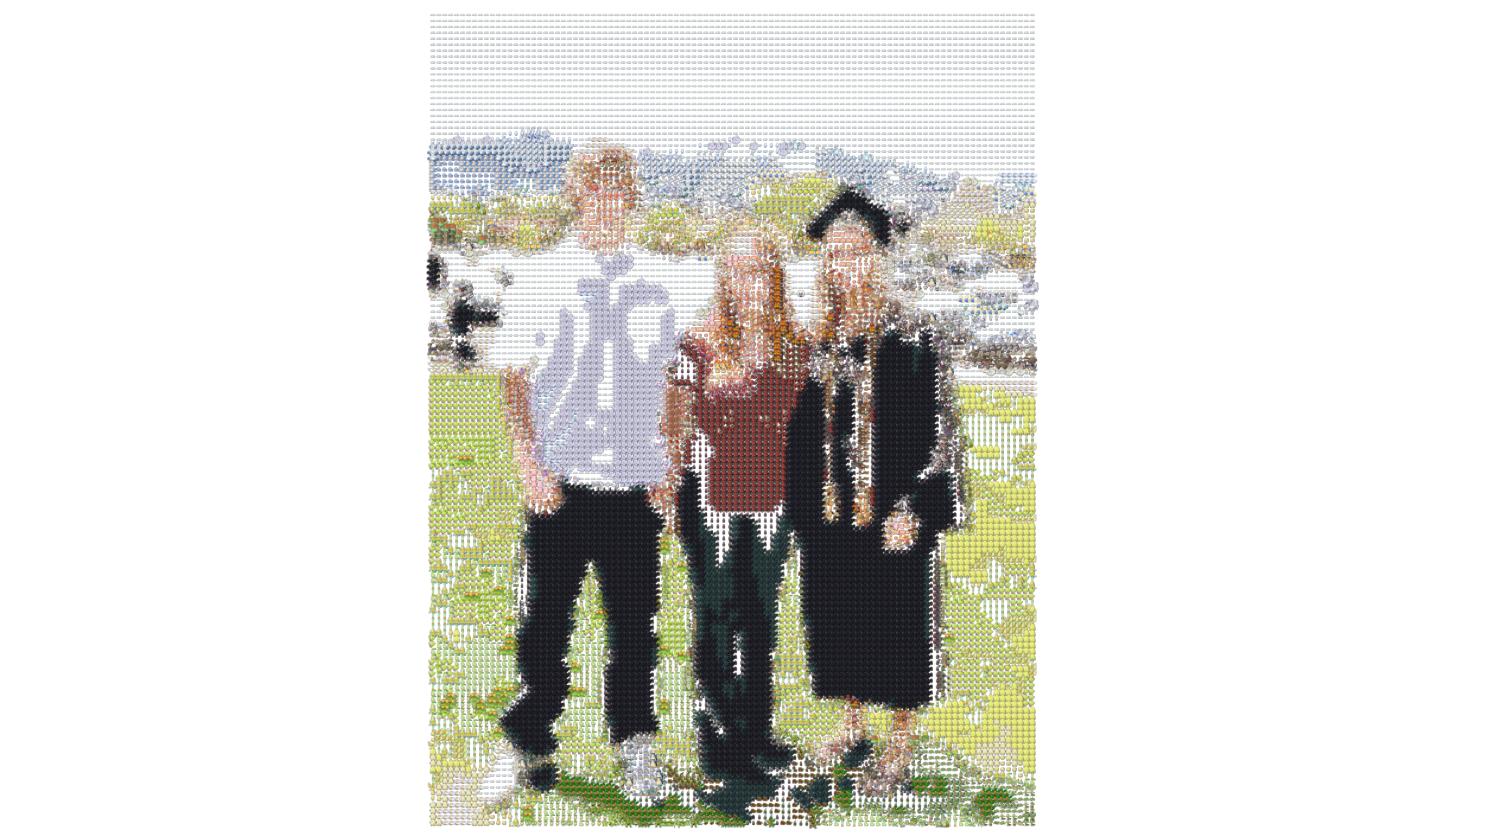 Image Generating Algorithm